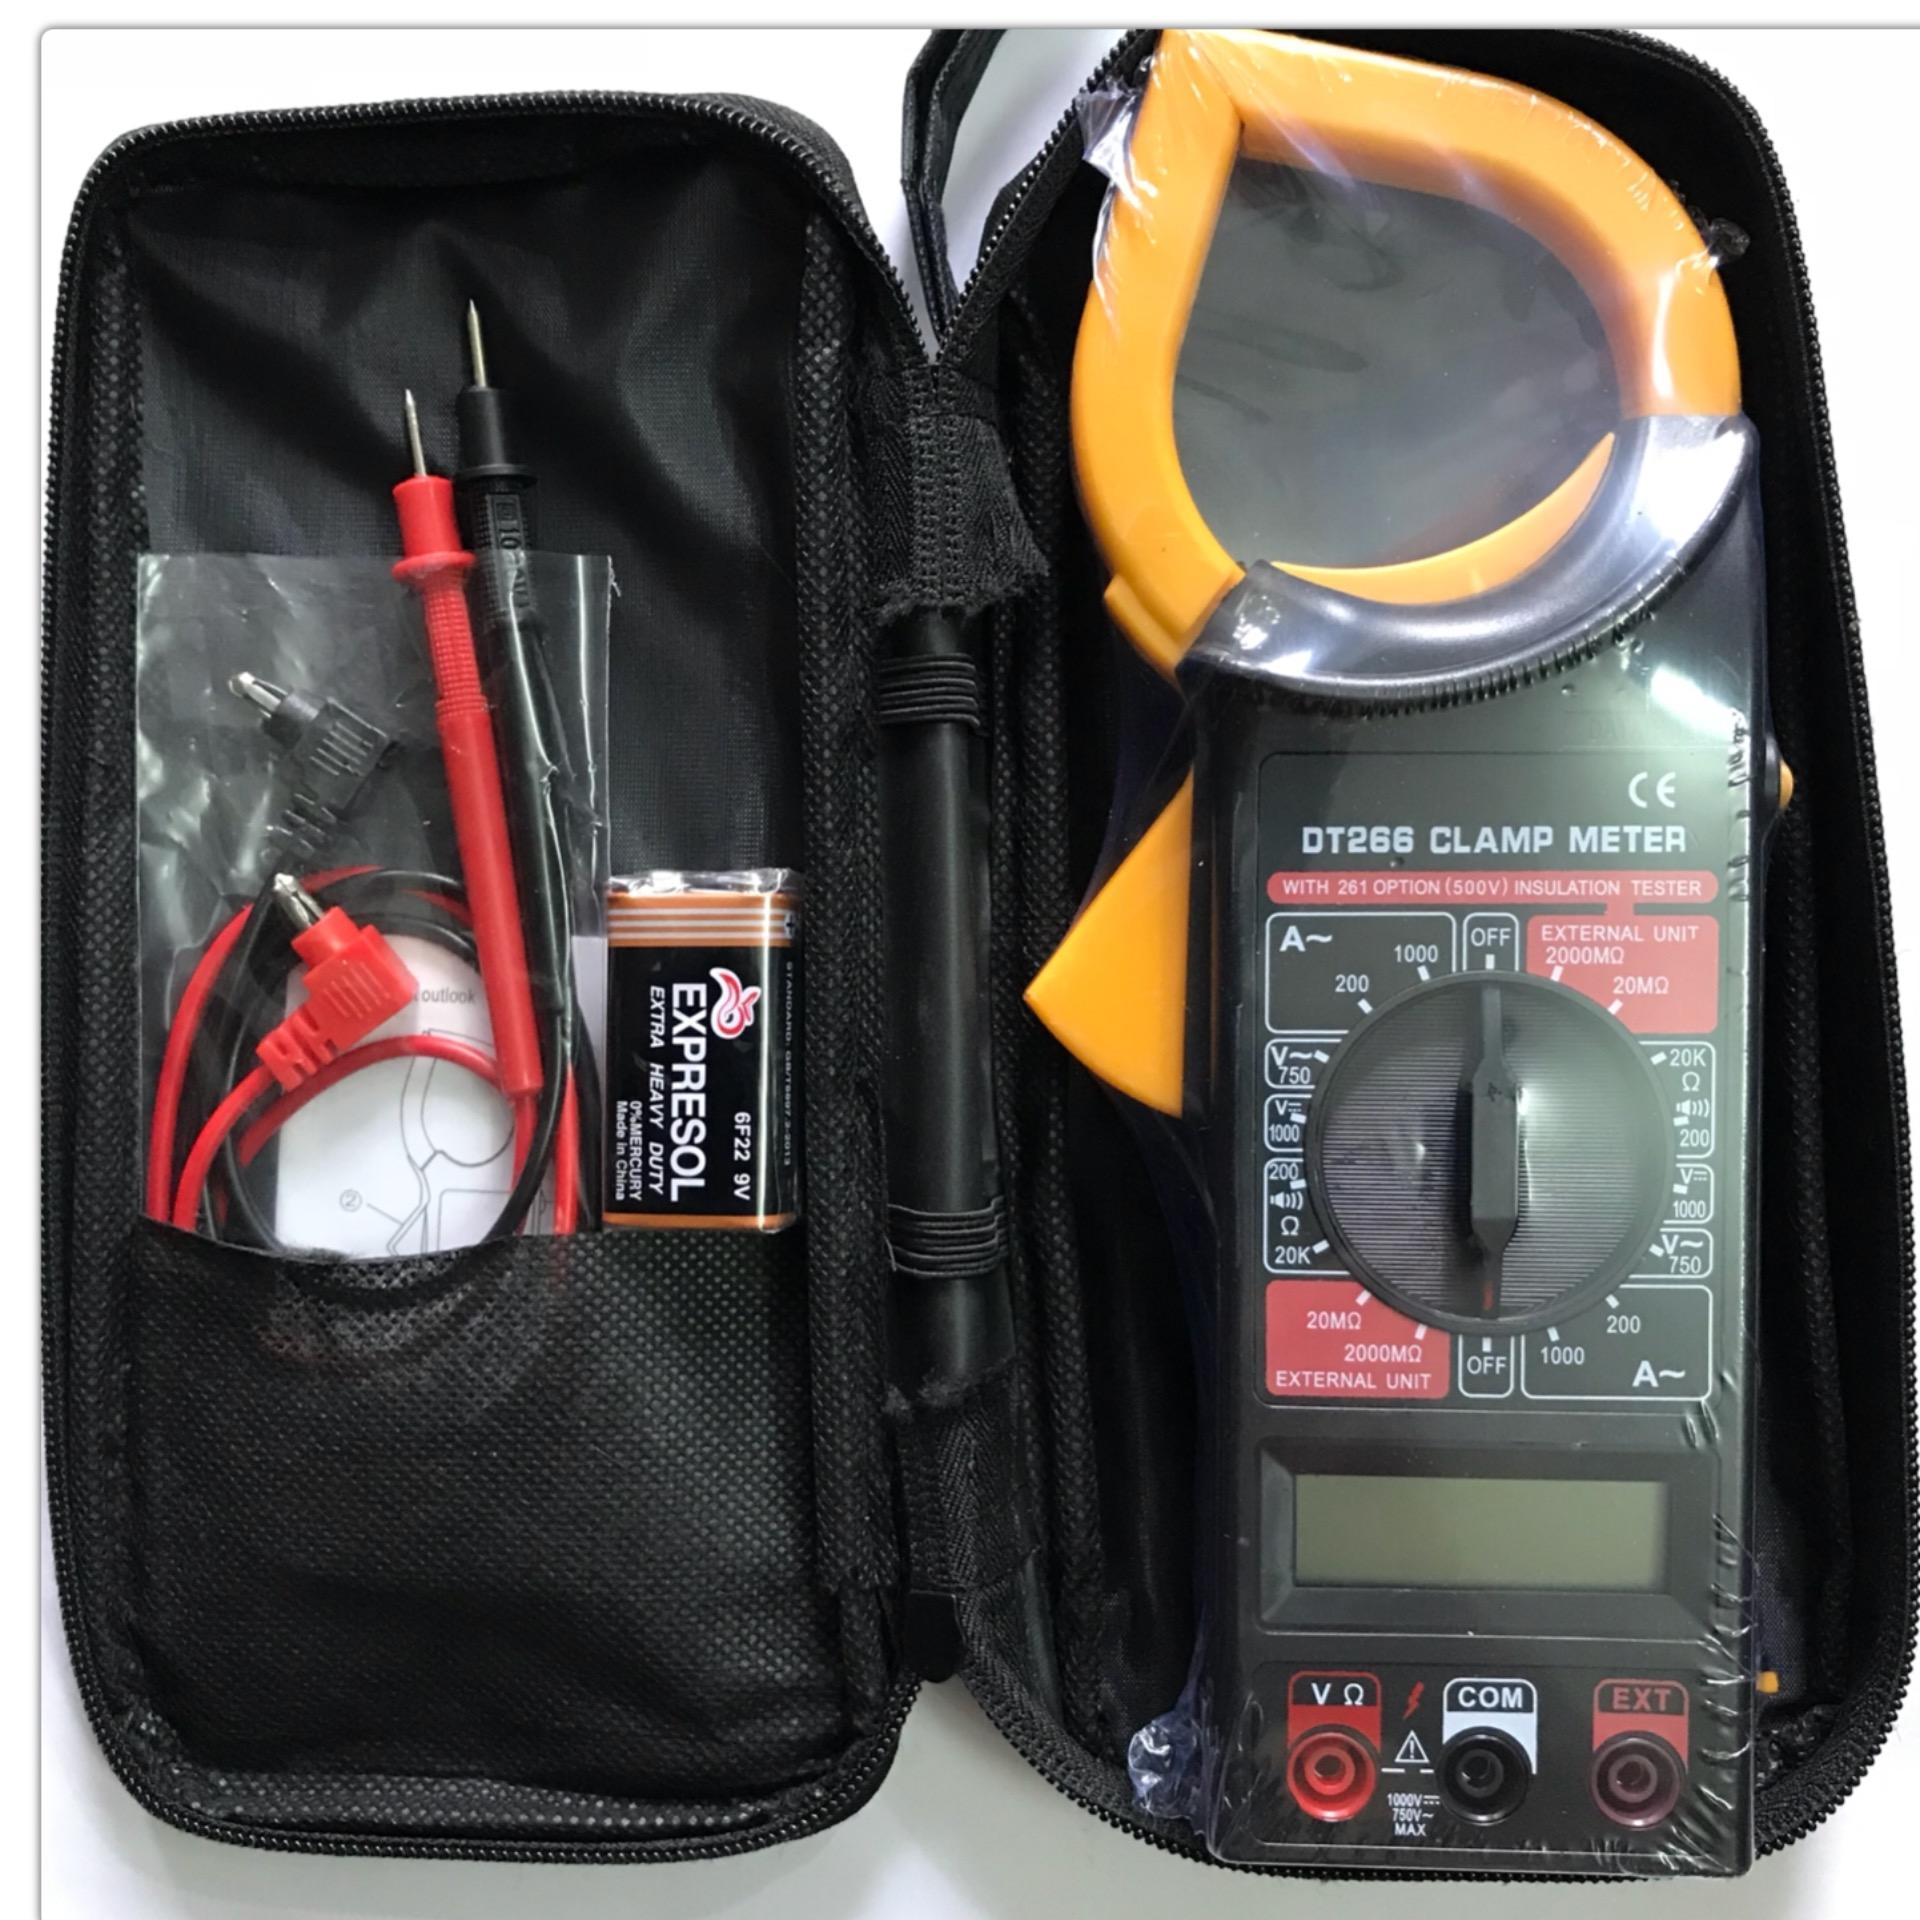 AMPE Kìm, kẹp vạn năng kỹ thuật số đo điện DT 266 - Tặng kèm pin vuông 9V-6F22